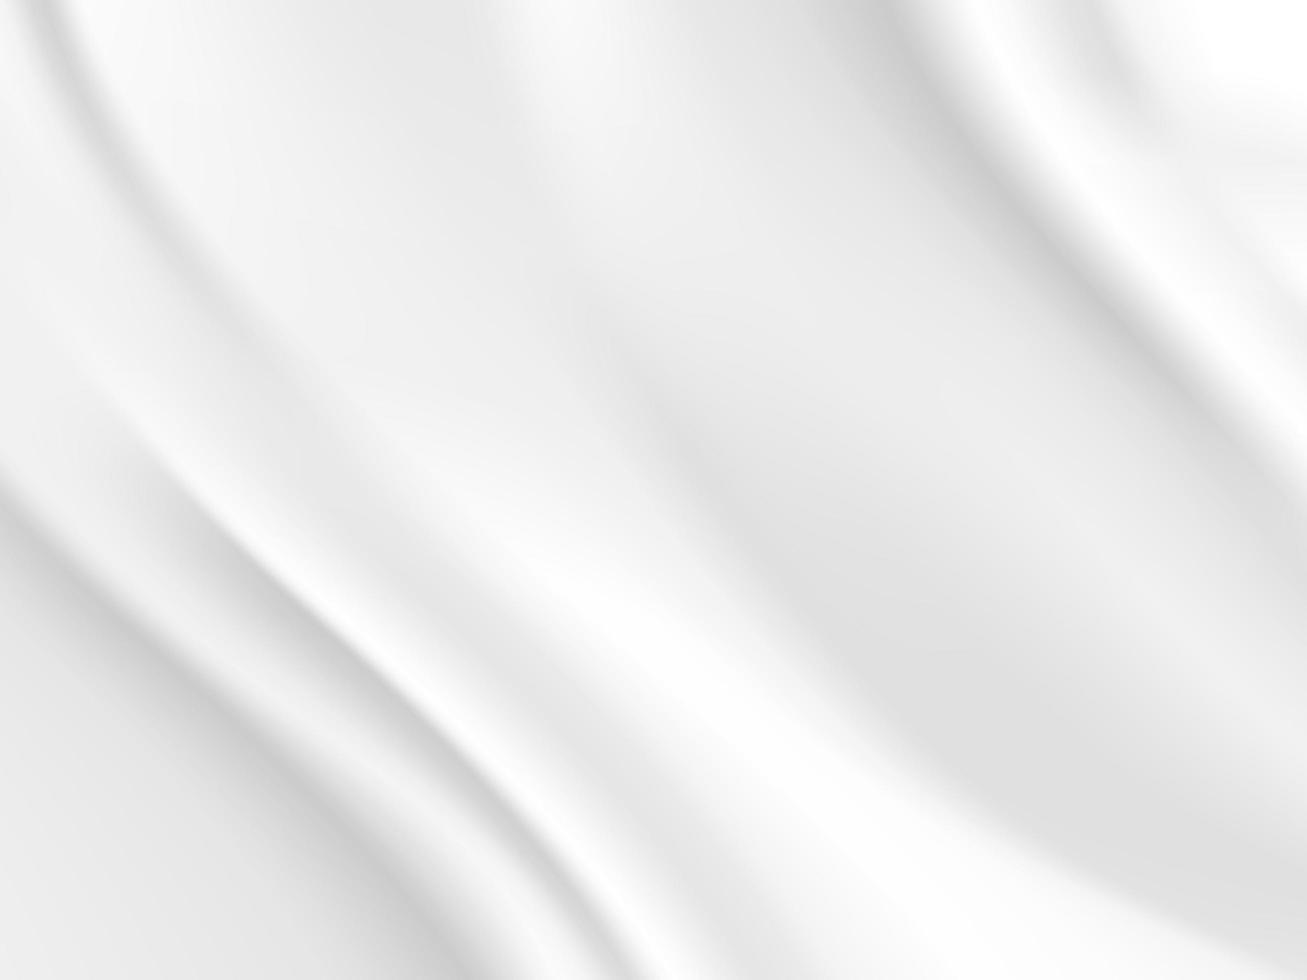 Fondo de tela de tono blanco y gris de onda vertical vector